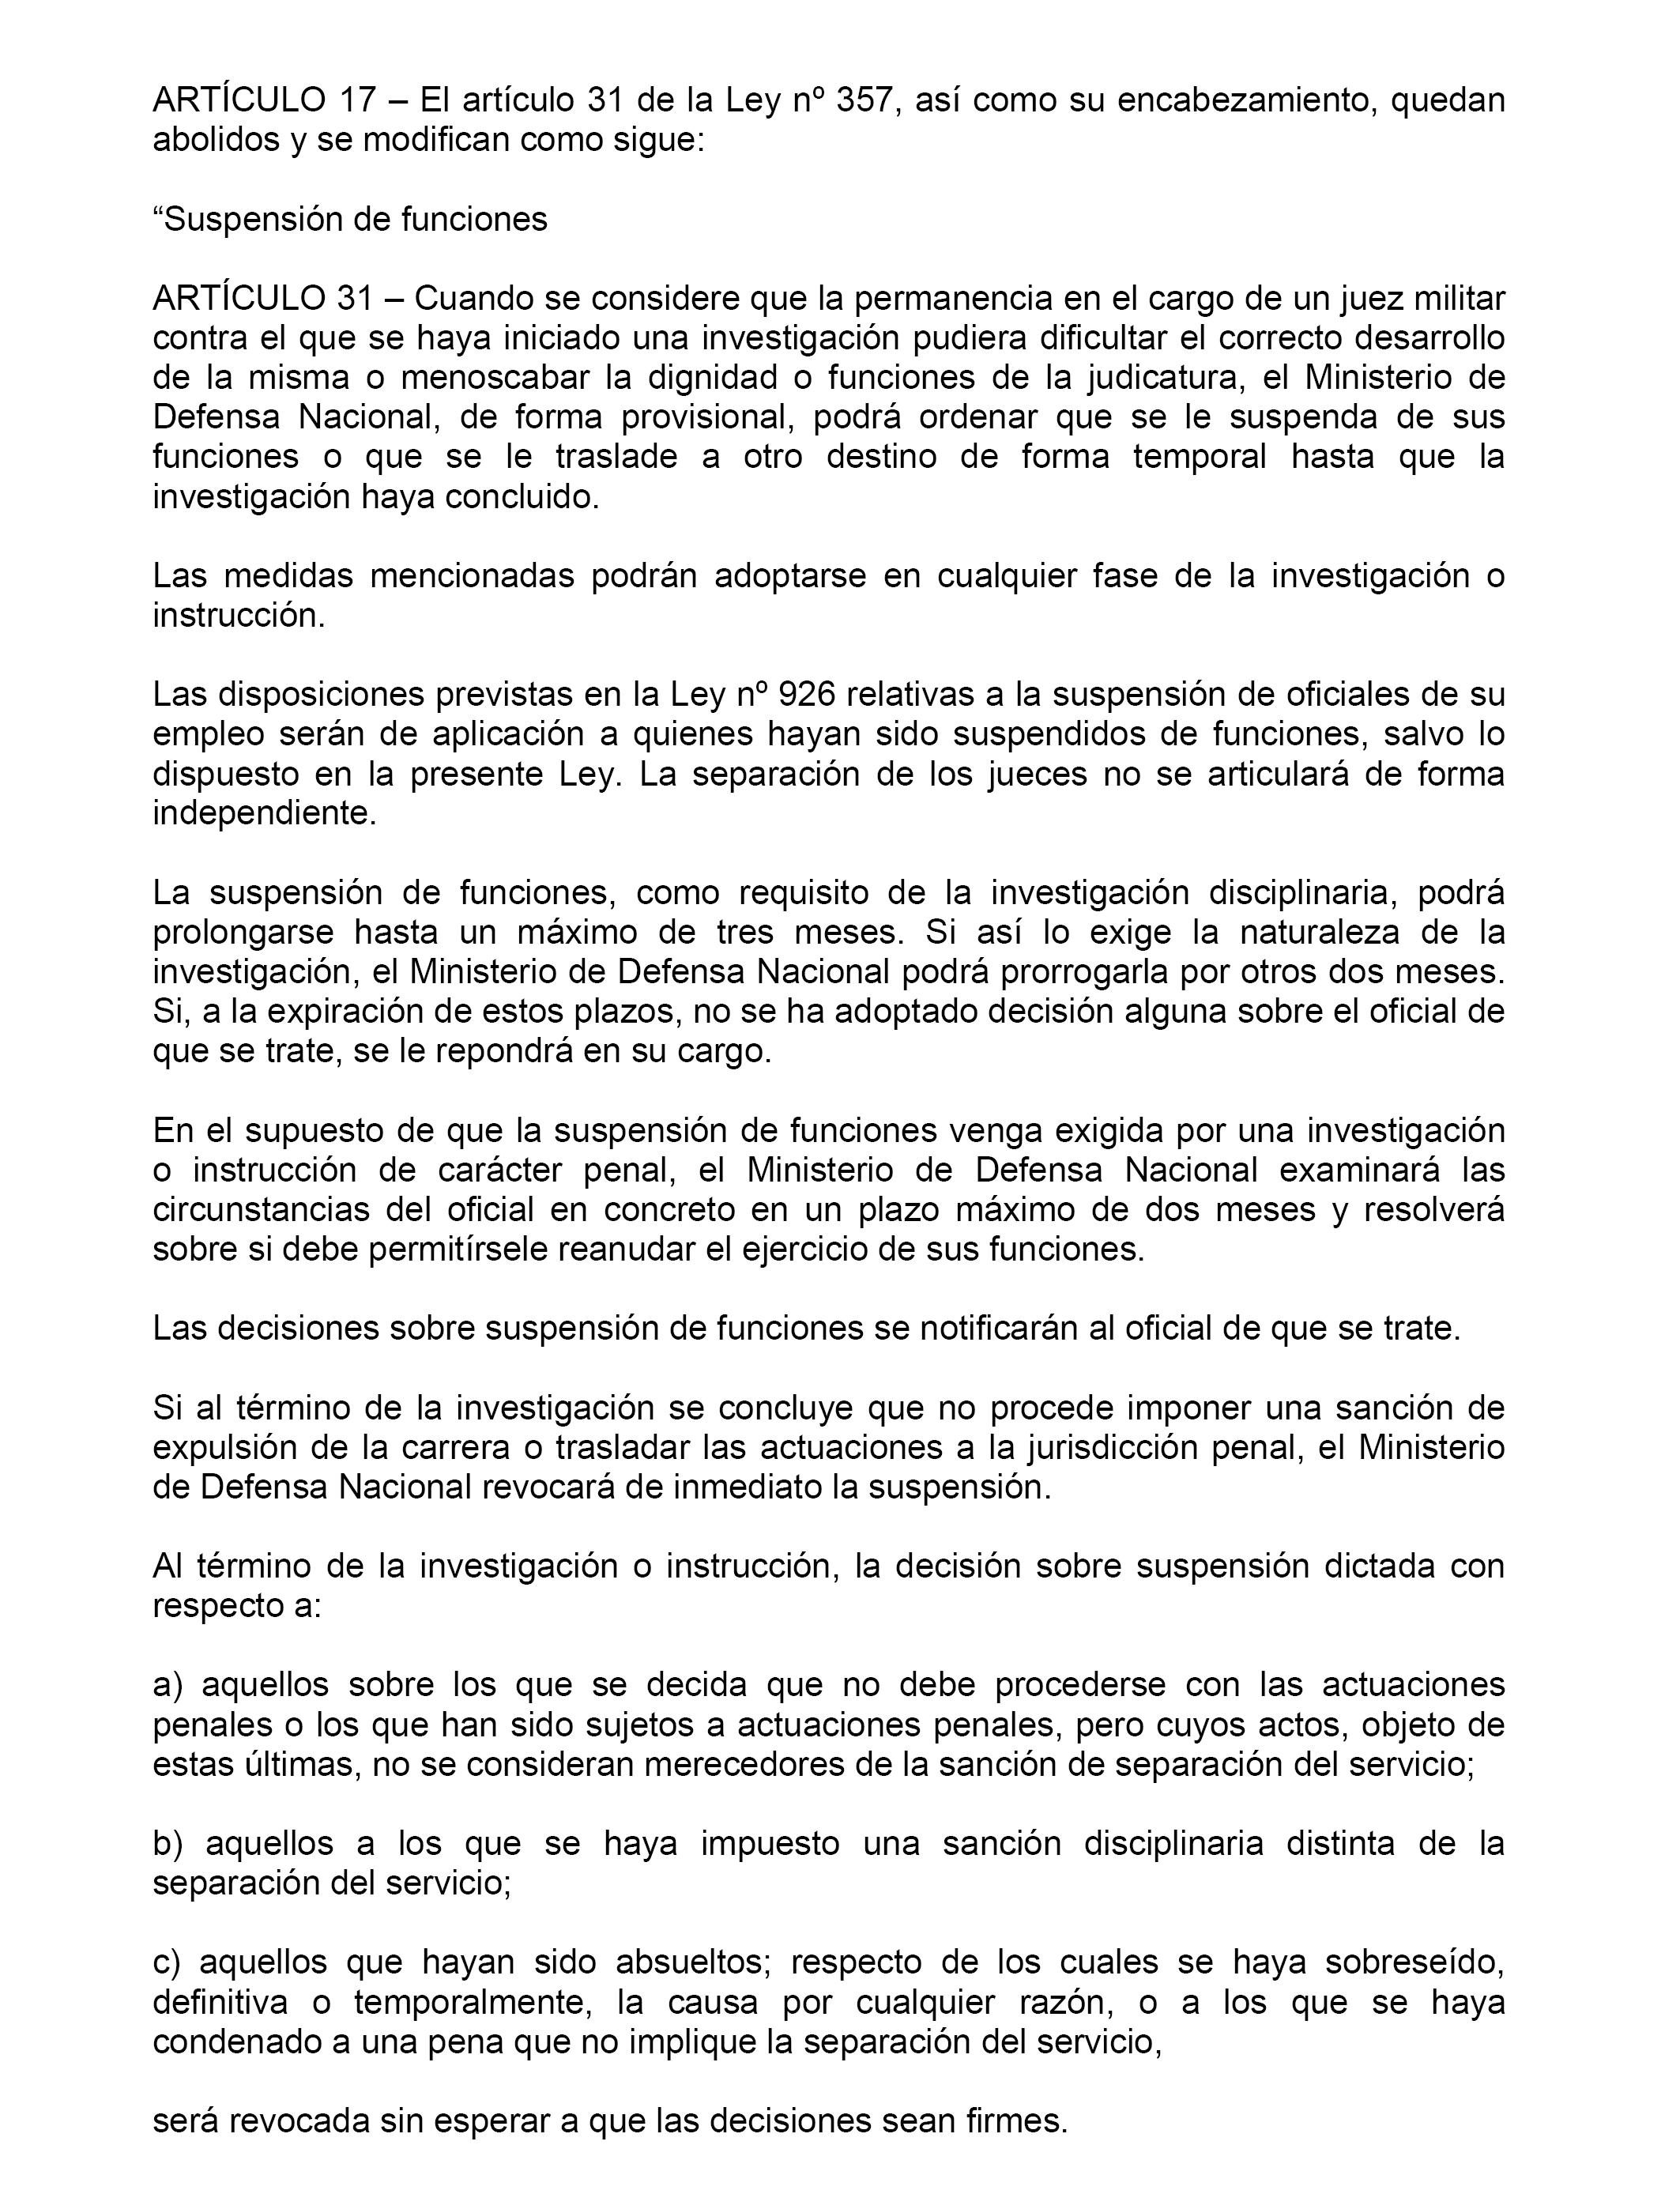 Asombroso Reanudar Cómo Enumerar El Trabajo Independiente Imágenes ...